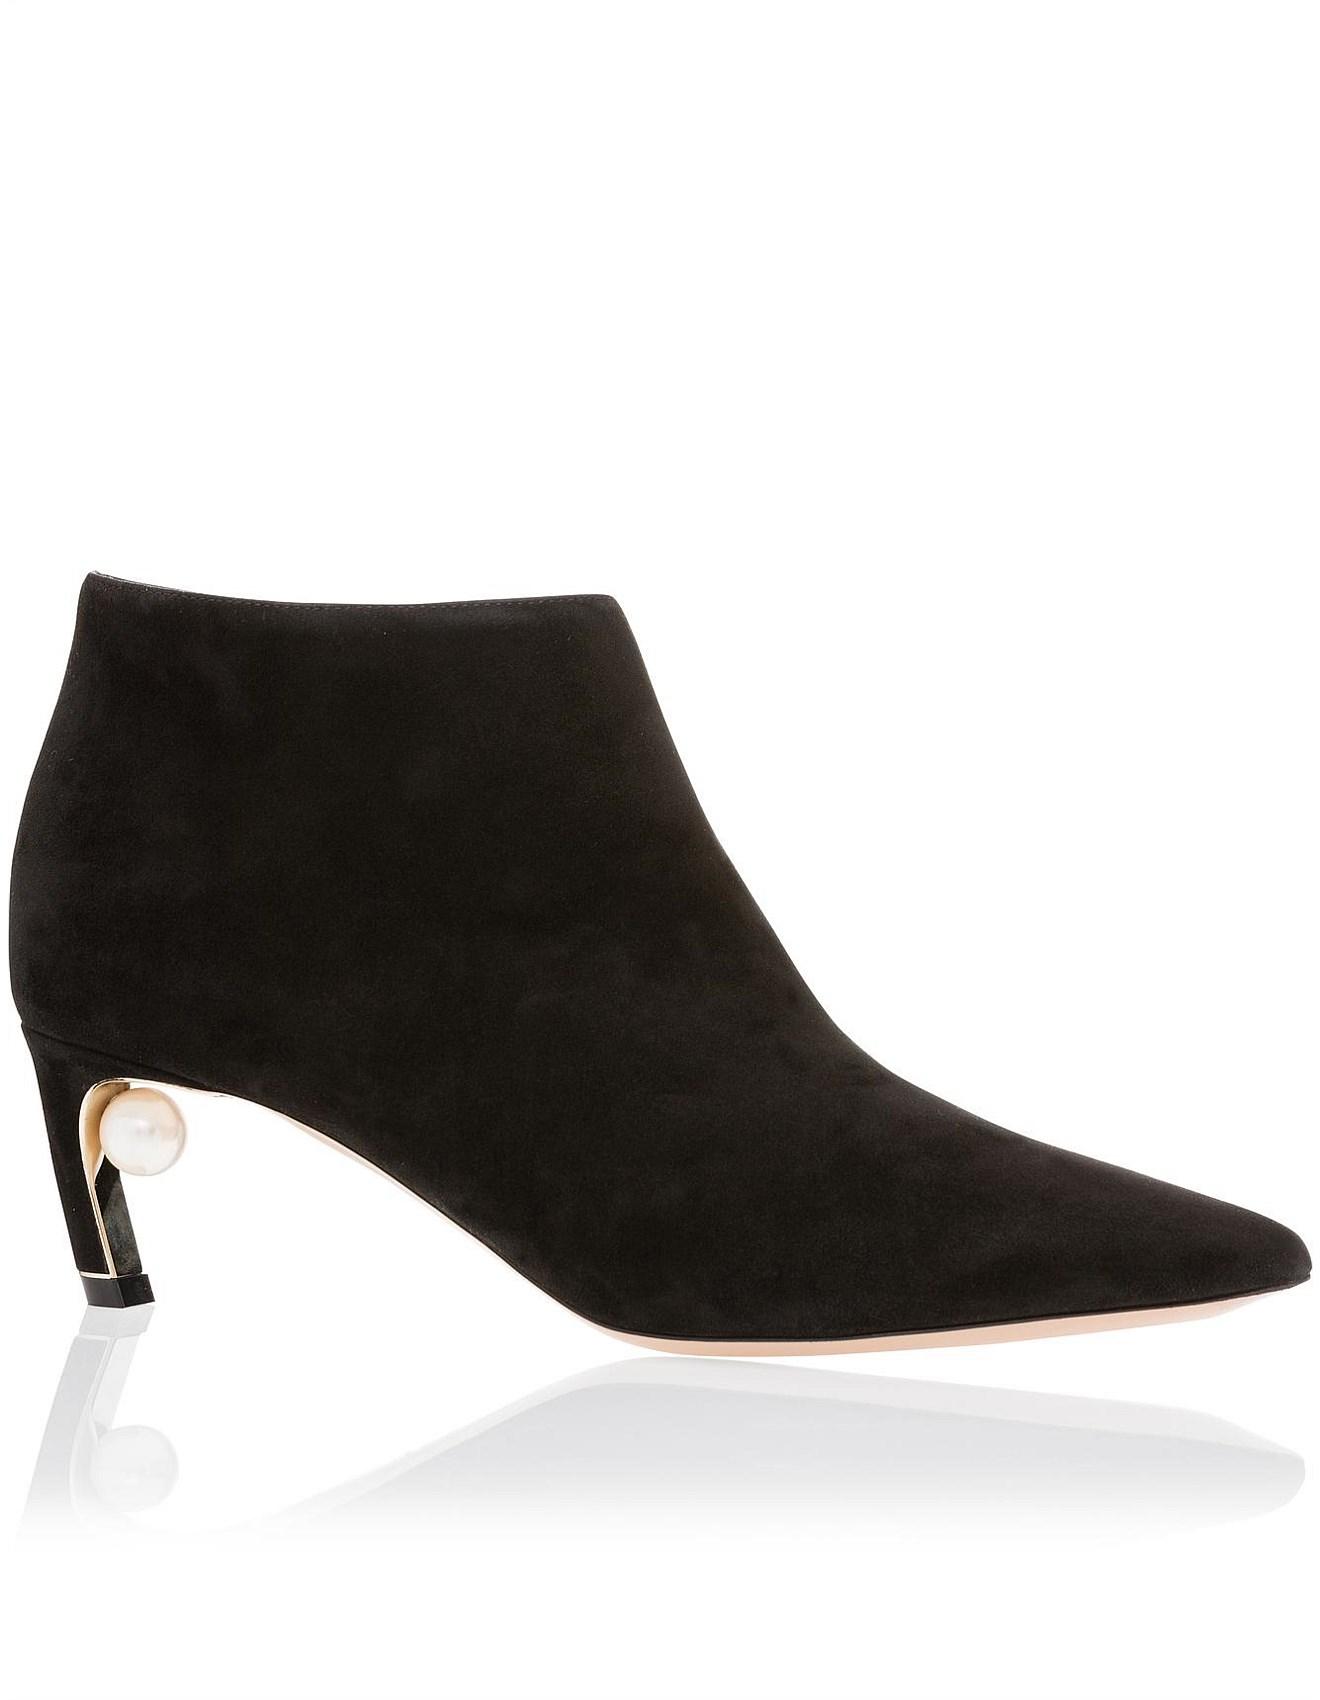 Low David Buy Shoes Mira Women's Jones Pearl 55mm Online n4T8xxq1Zw